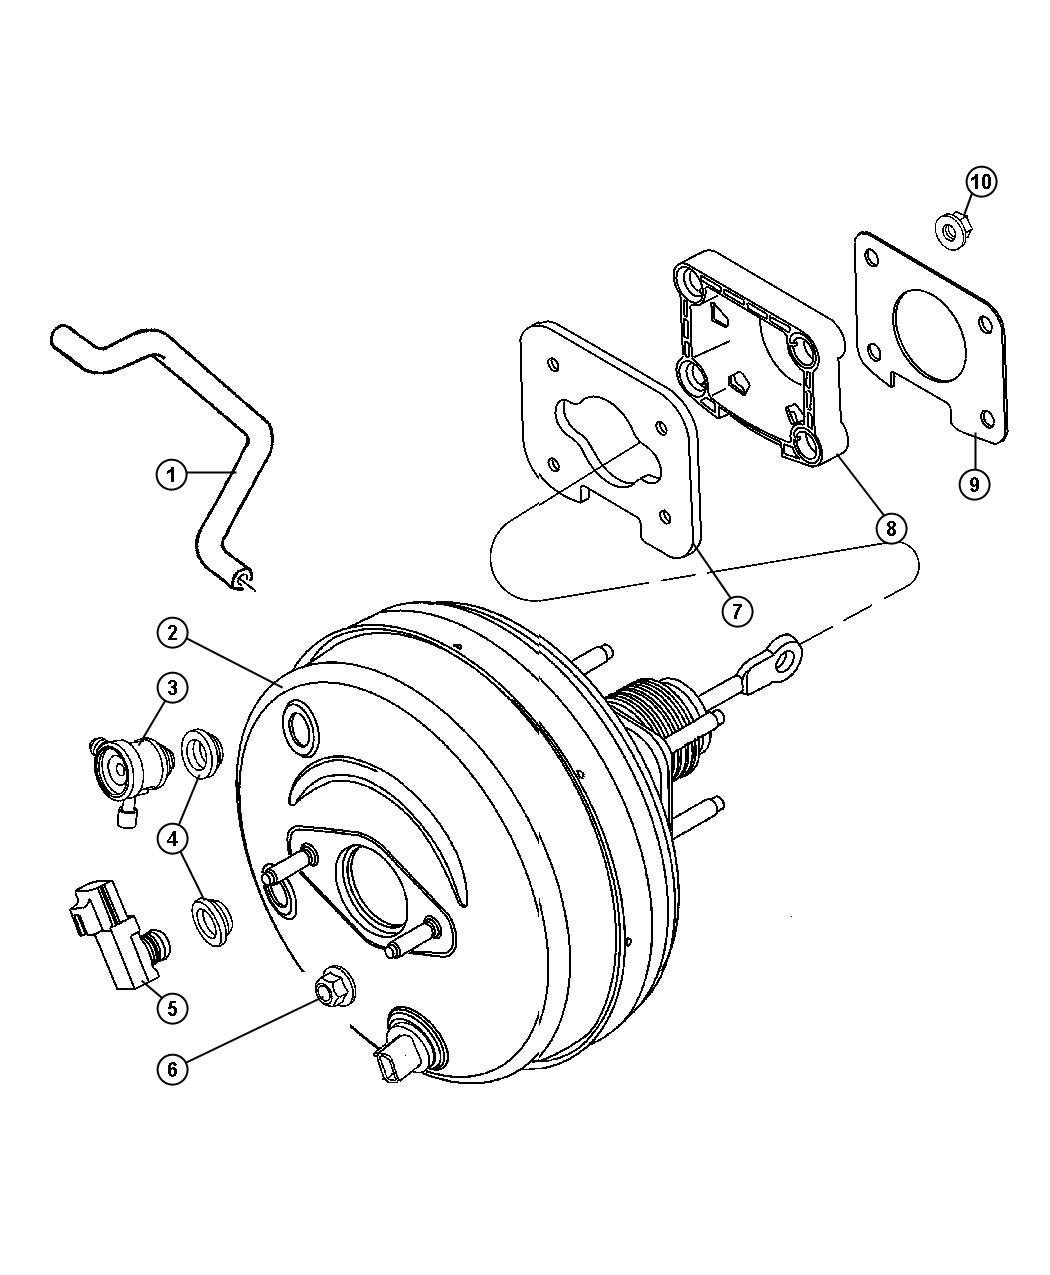 2007 Chrysler Aspen Booster. Power brake. Brakes, anti